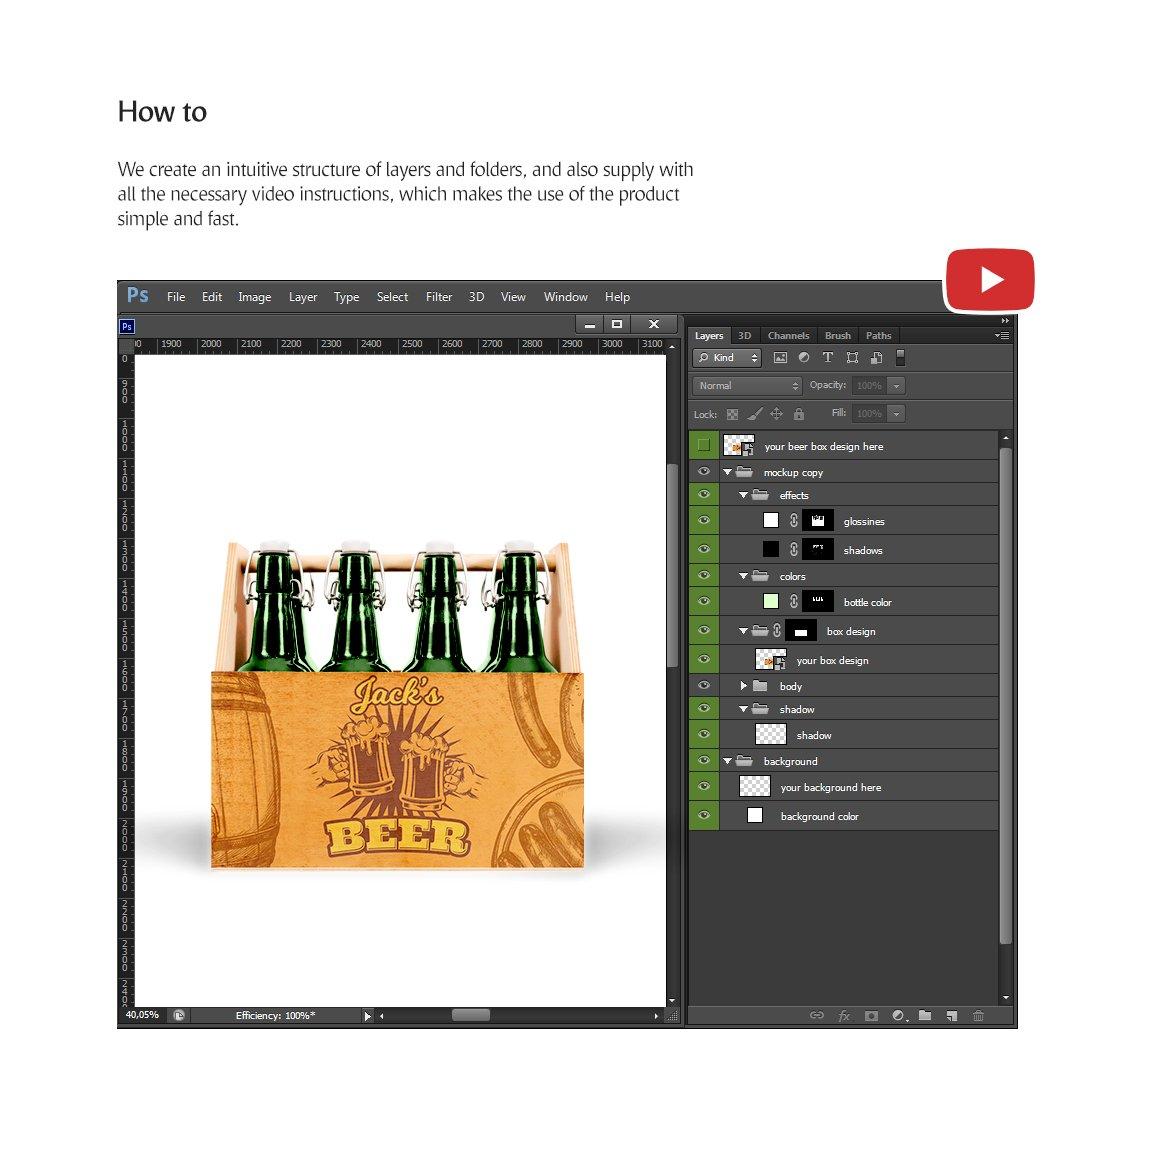 工艺啤酒包装盒设计展示样机模板 Craft Beer Box Mockup插图(4)